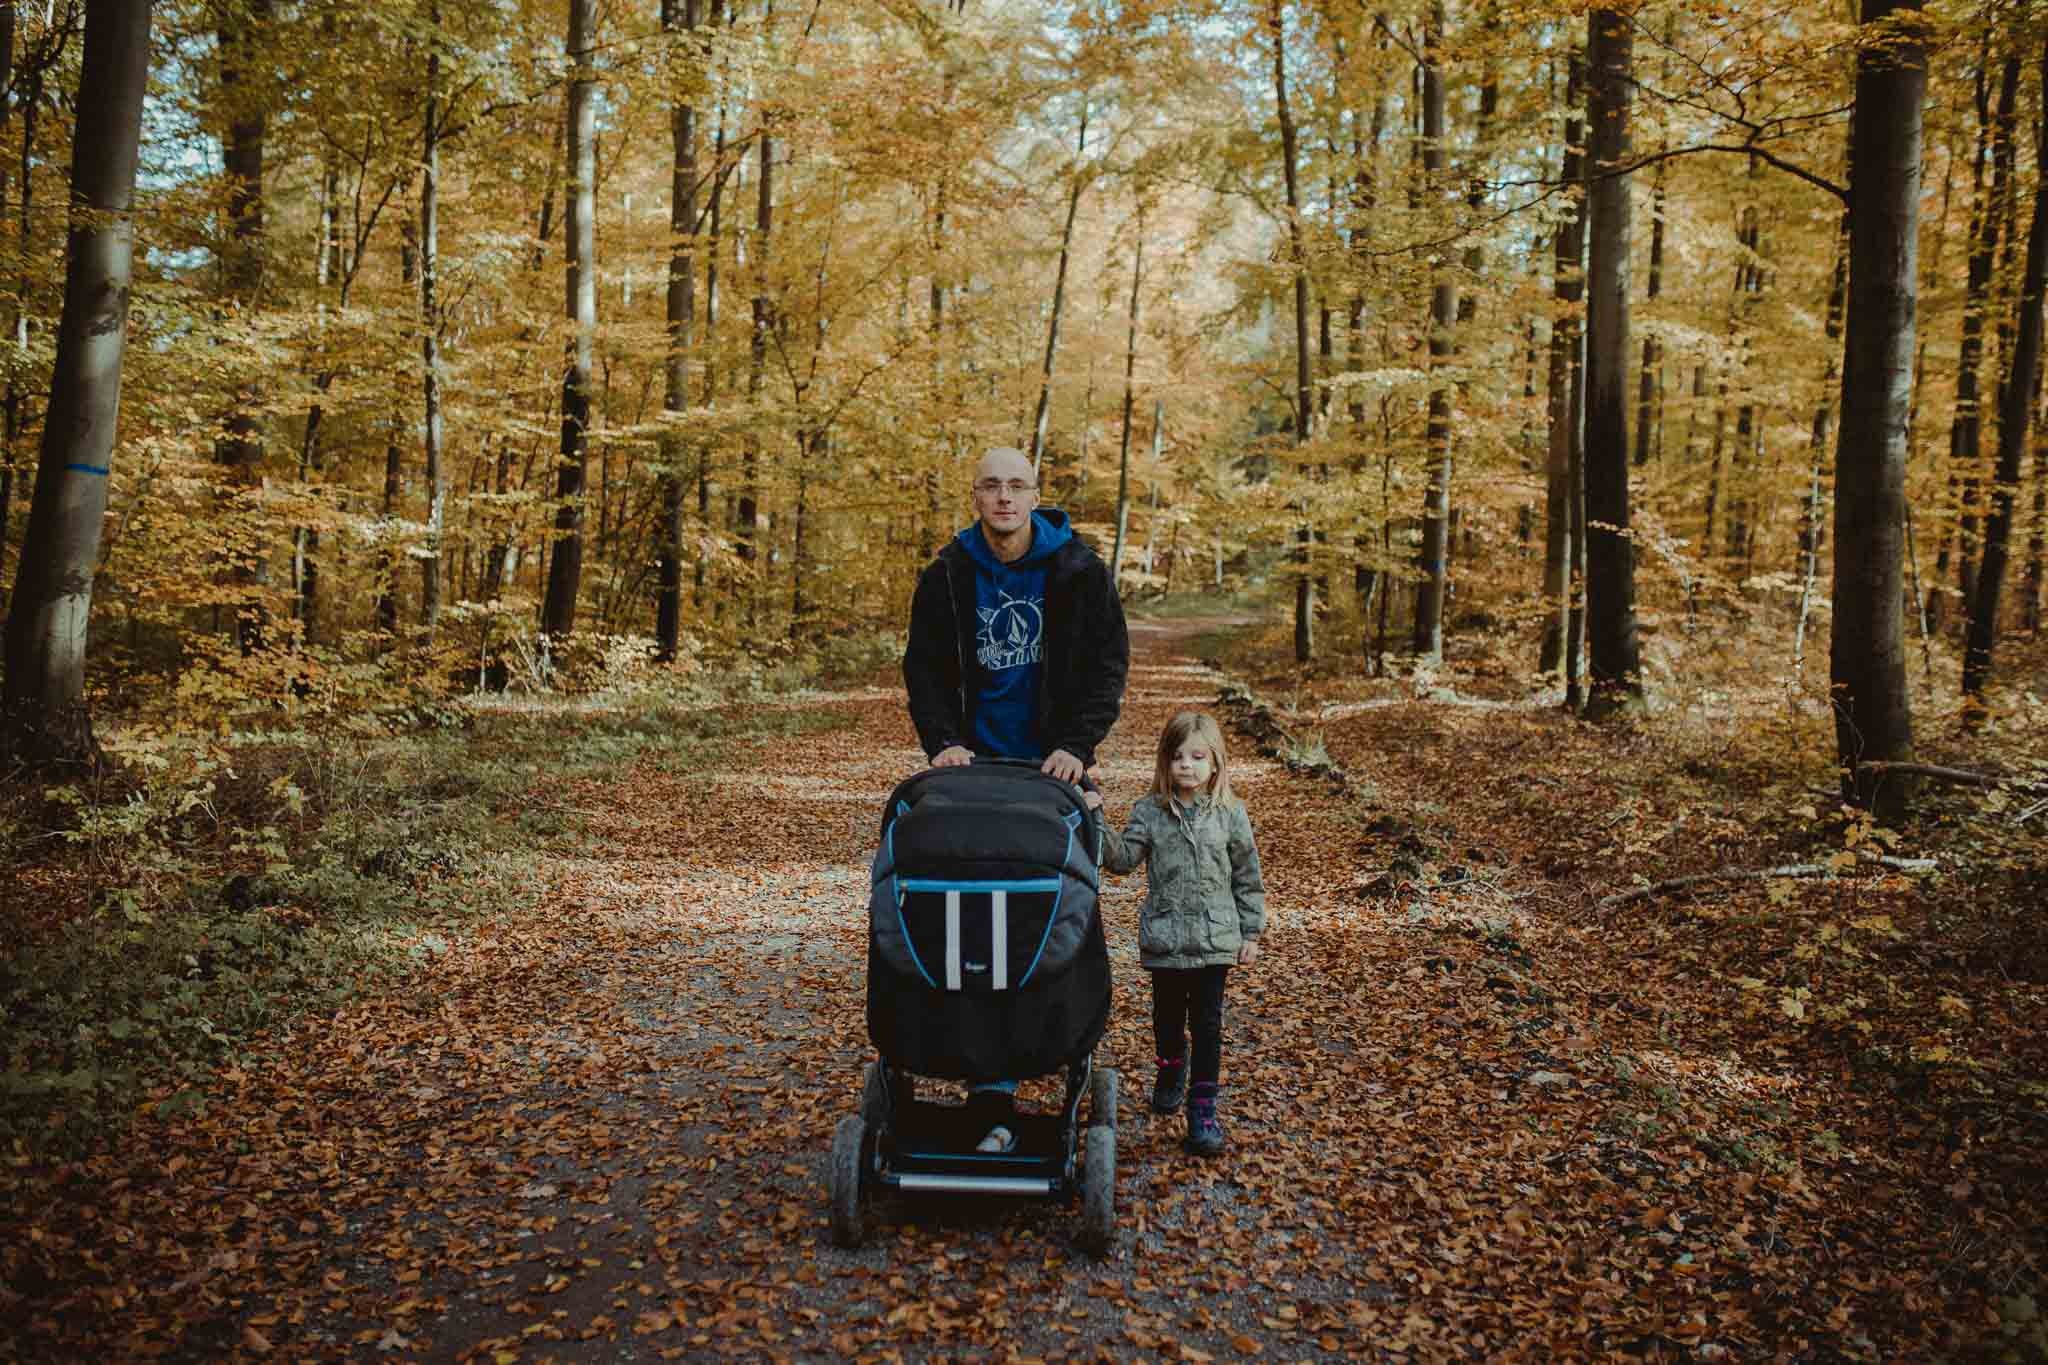 Vater mit Kinderwagen und Tochter im herbstlichen Wald beim Spaziergang